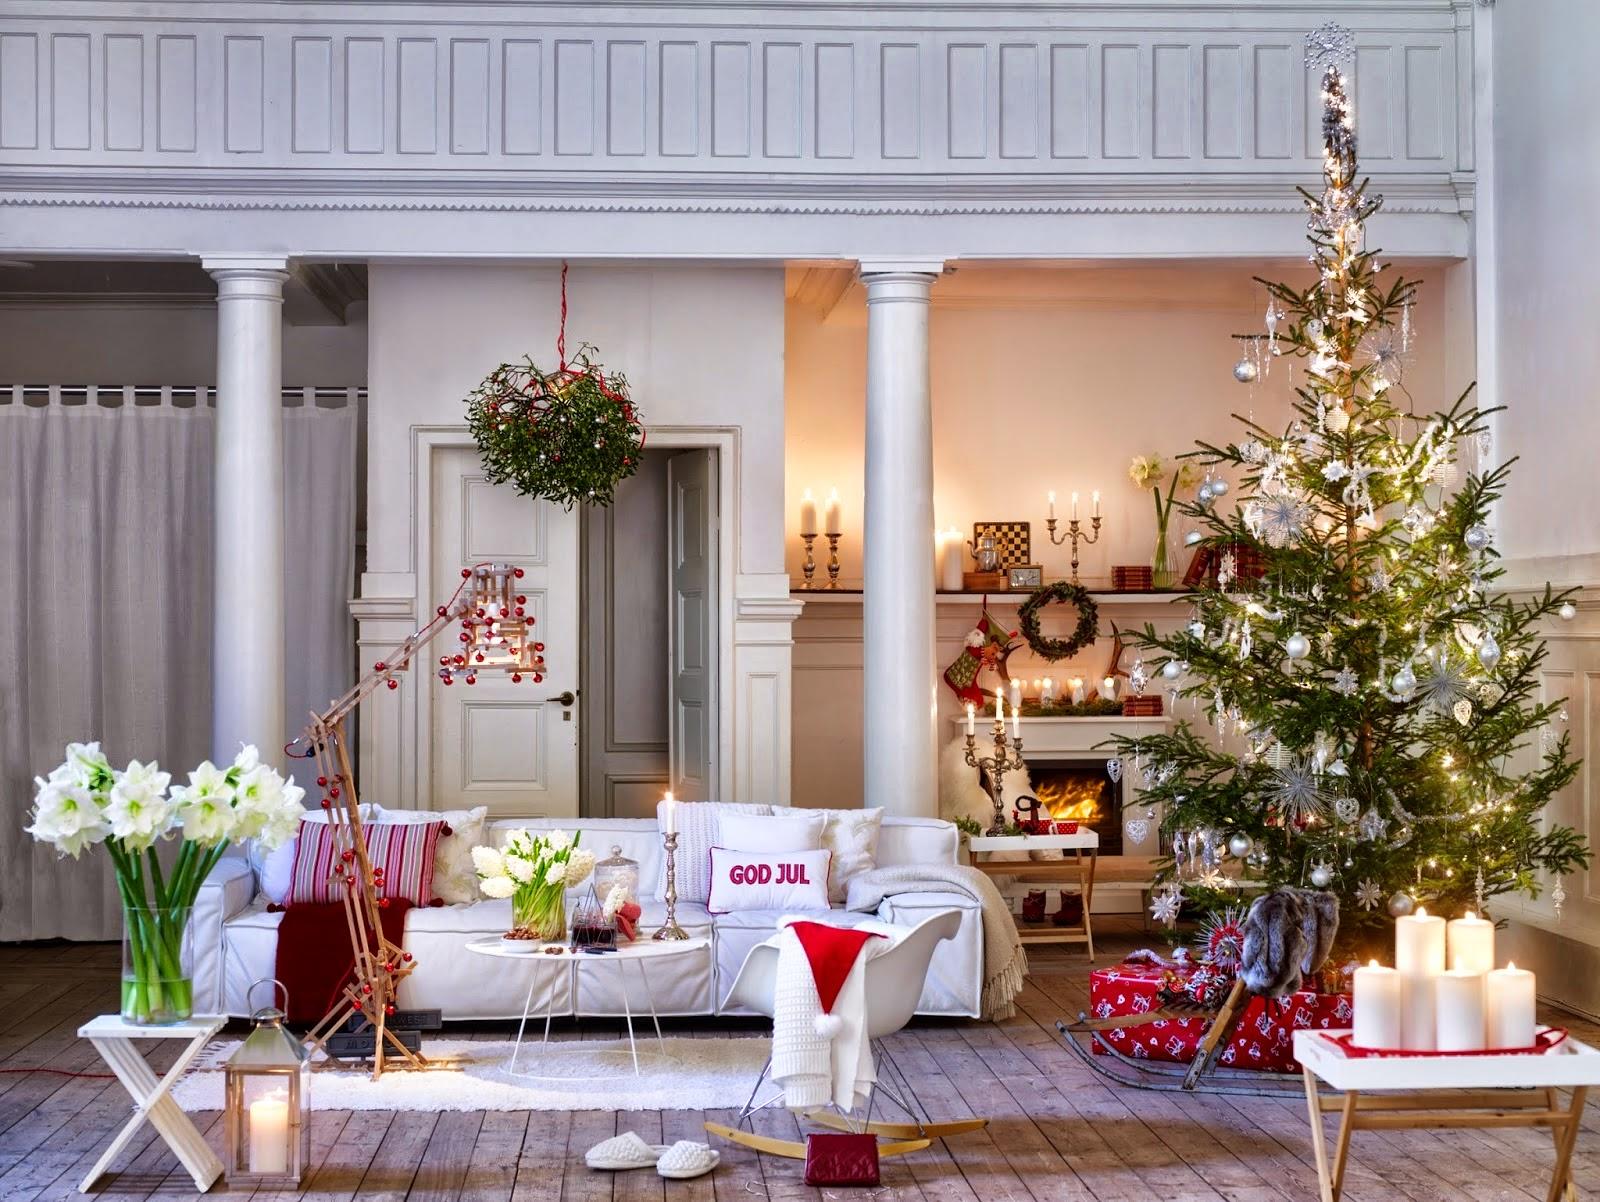 Natale 2015 bianco e rosso per l arredo natalizio in for Arredare casa in bianco